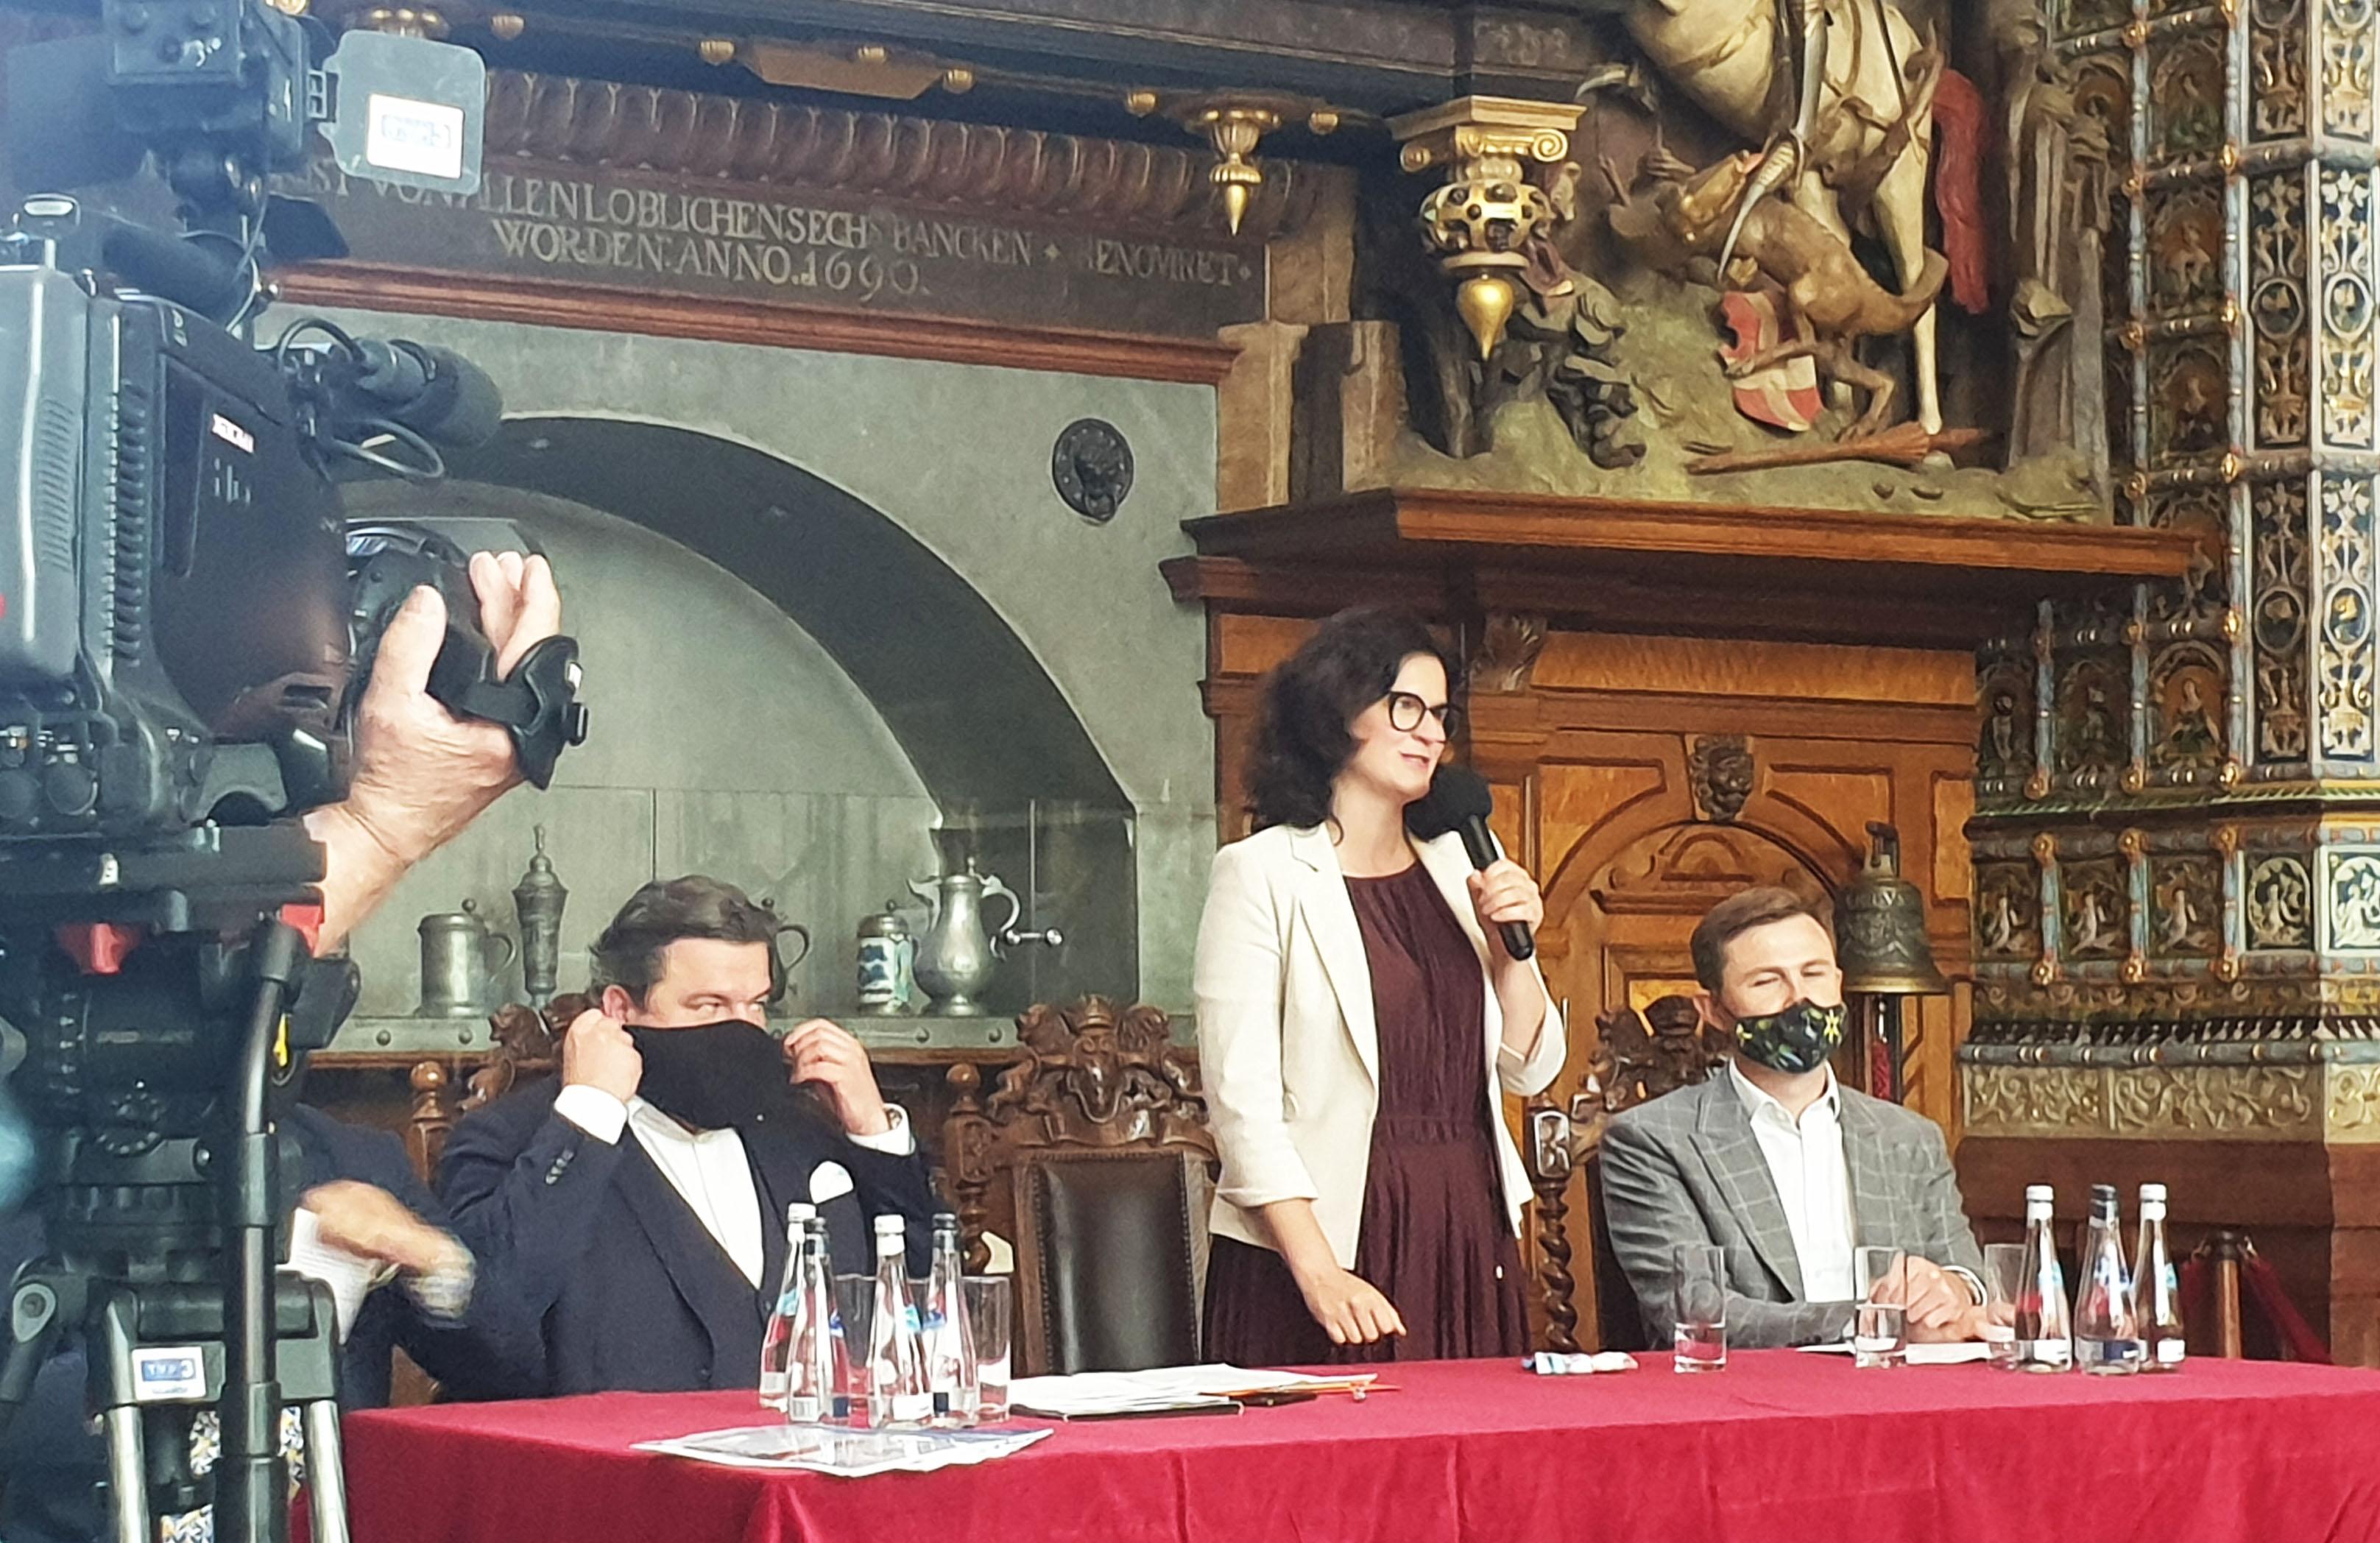 konferencja prasowa w dworze artusa w gdańsku. przemawia Aleksandra DULKIEWICZ